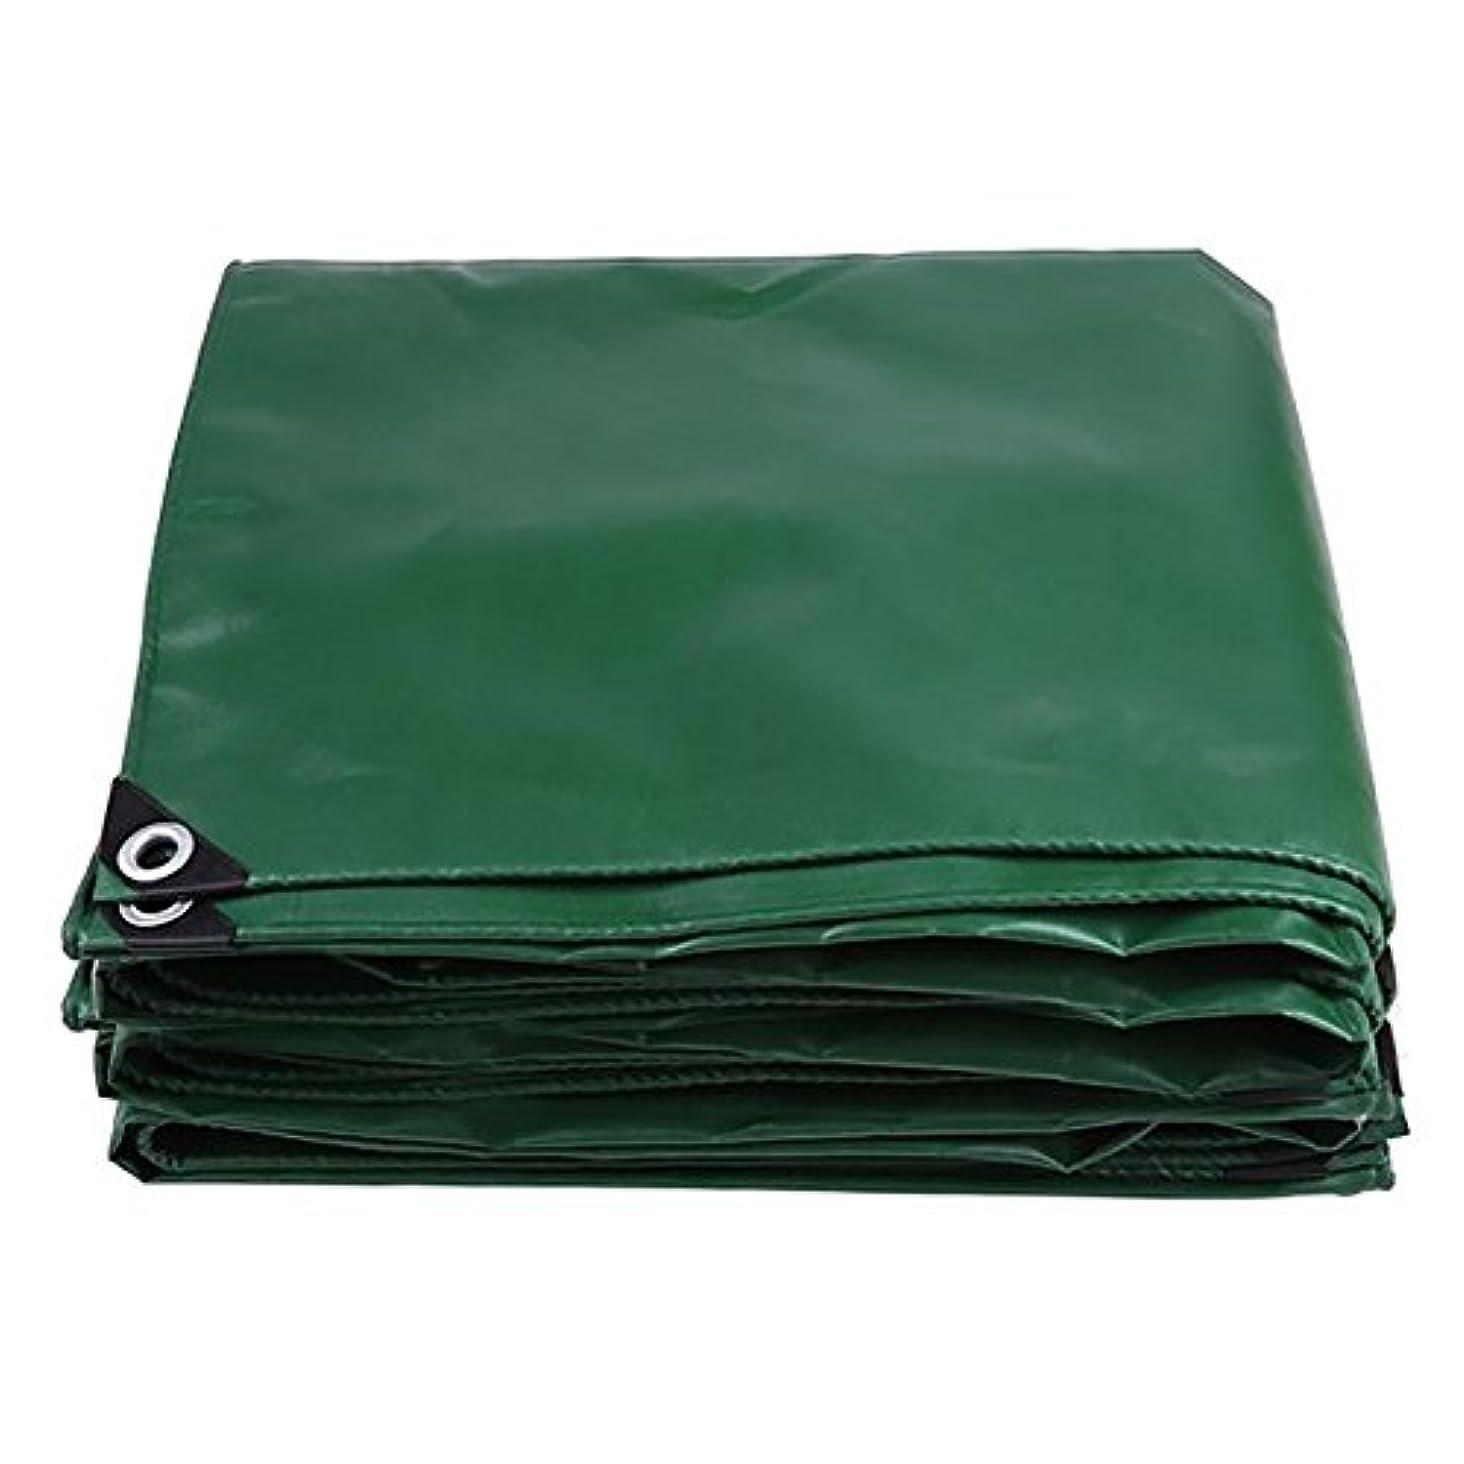 スペア値世界に死んだWCH アイレット550g /㎡が付いている防水頑丈で緑の厚いRainproof日焼け止めの防水シートシート